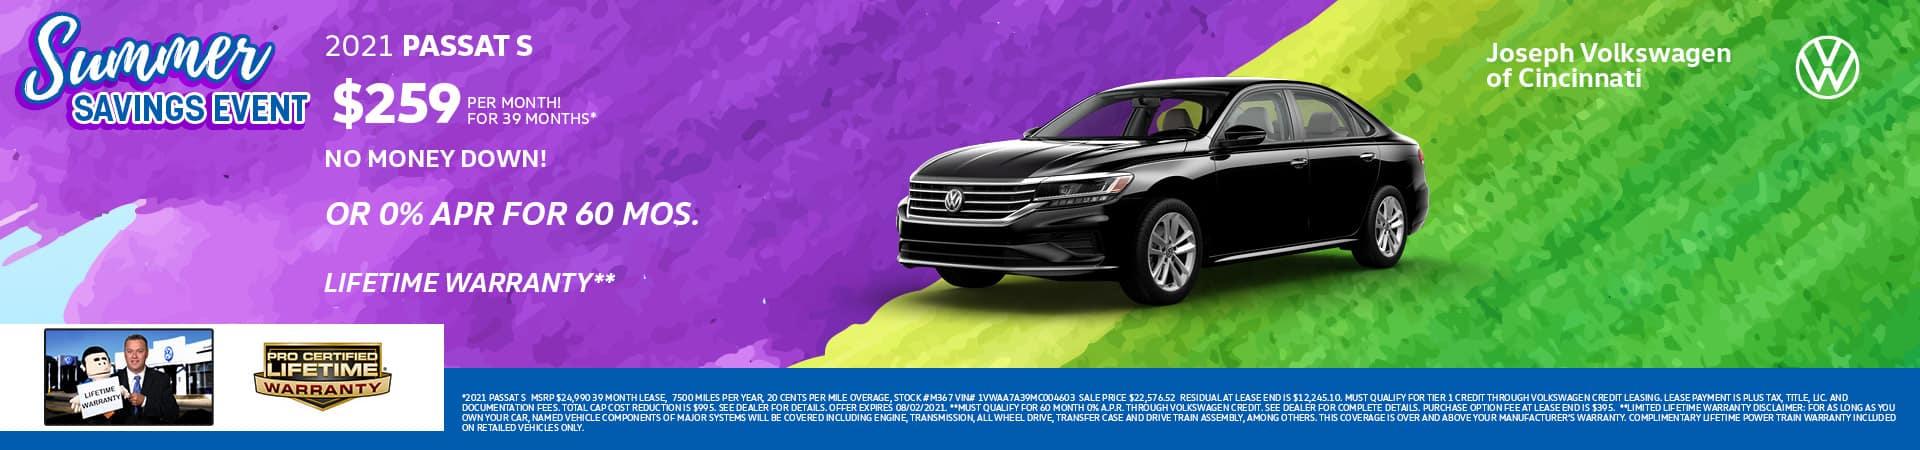 2021 Volkswagen Passat | Joseph VW | Cincinnati, OH